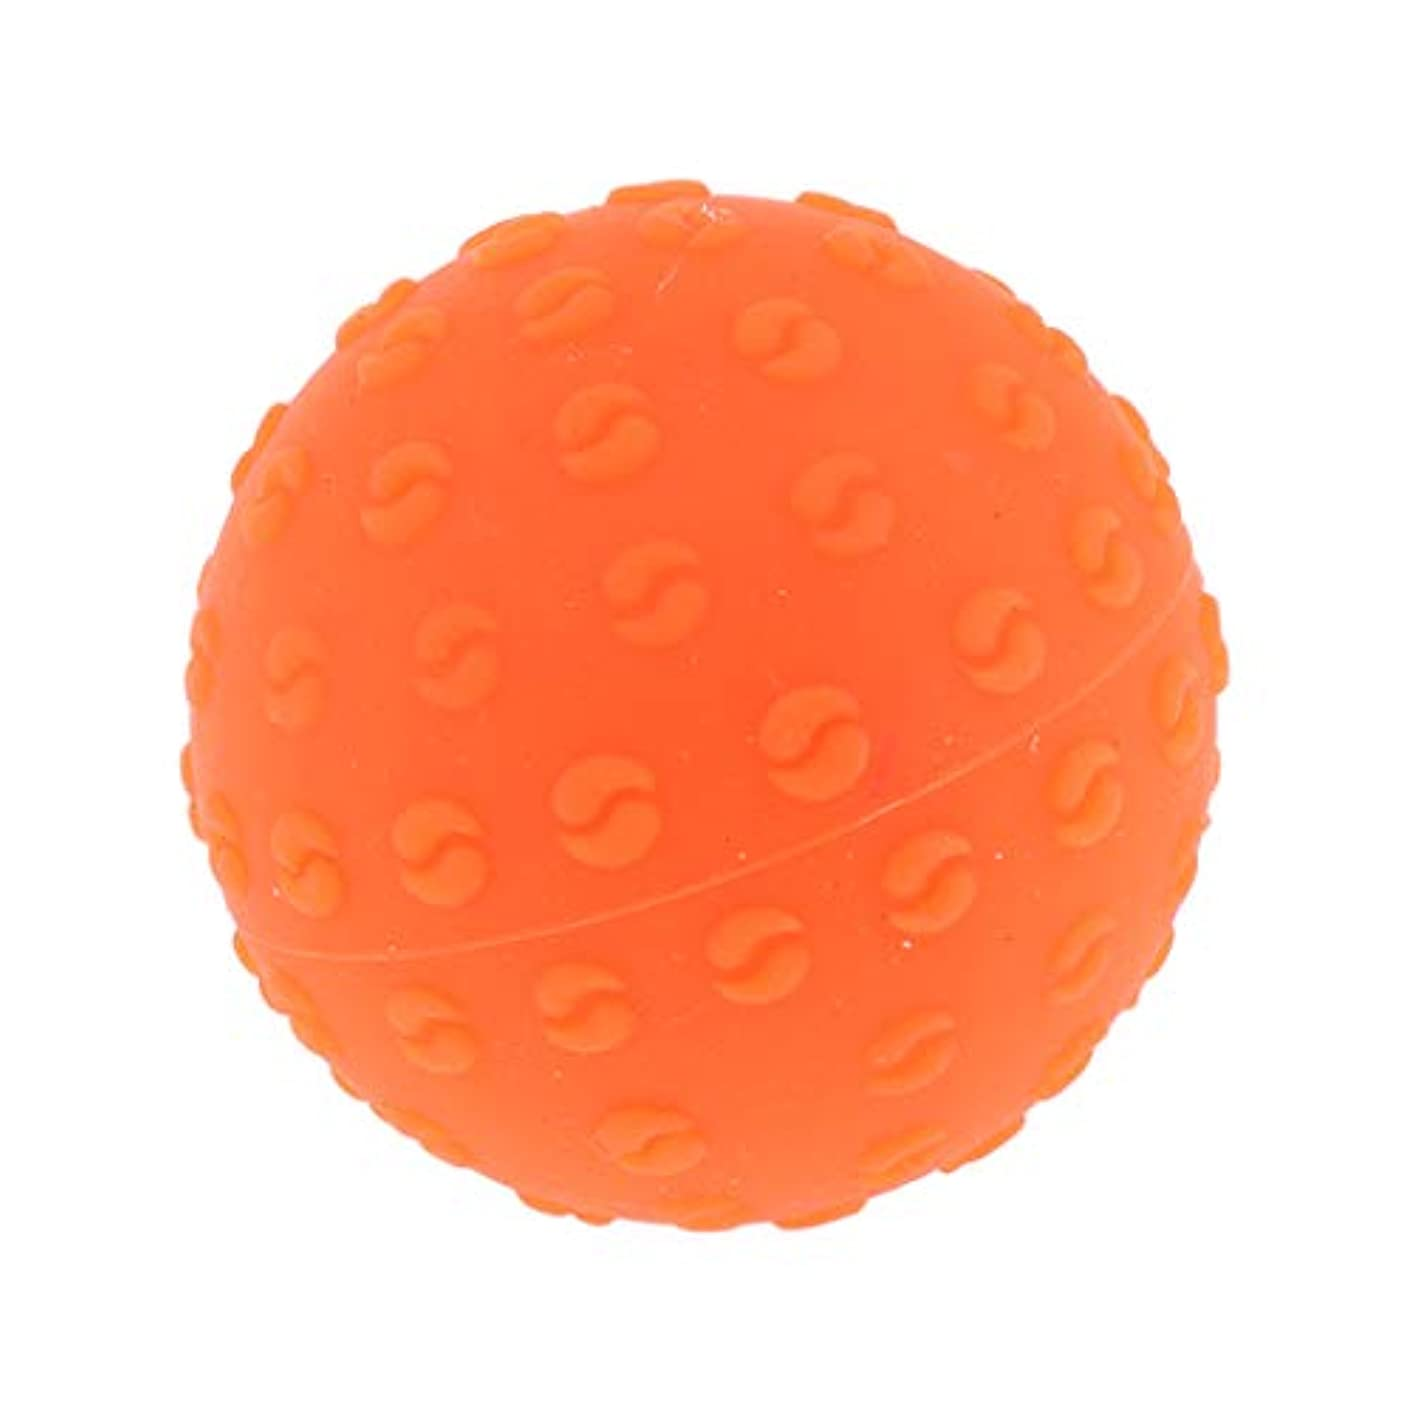 どれでも競争条件付きFLAMEER 全6色 シリコーンマッサージボール 指圧ボール トリガーポイント ヨガ 肩、足、首、腕 解消 耐摩耗 - オレンジ, 説明のとおり